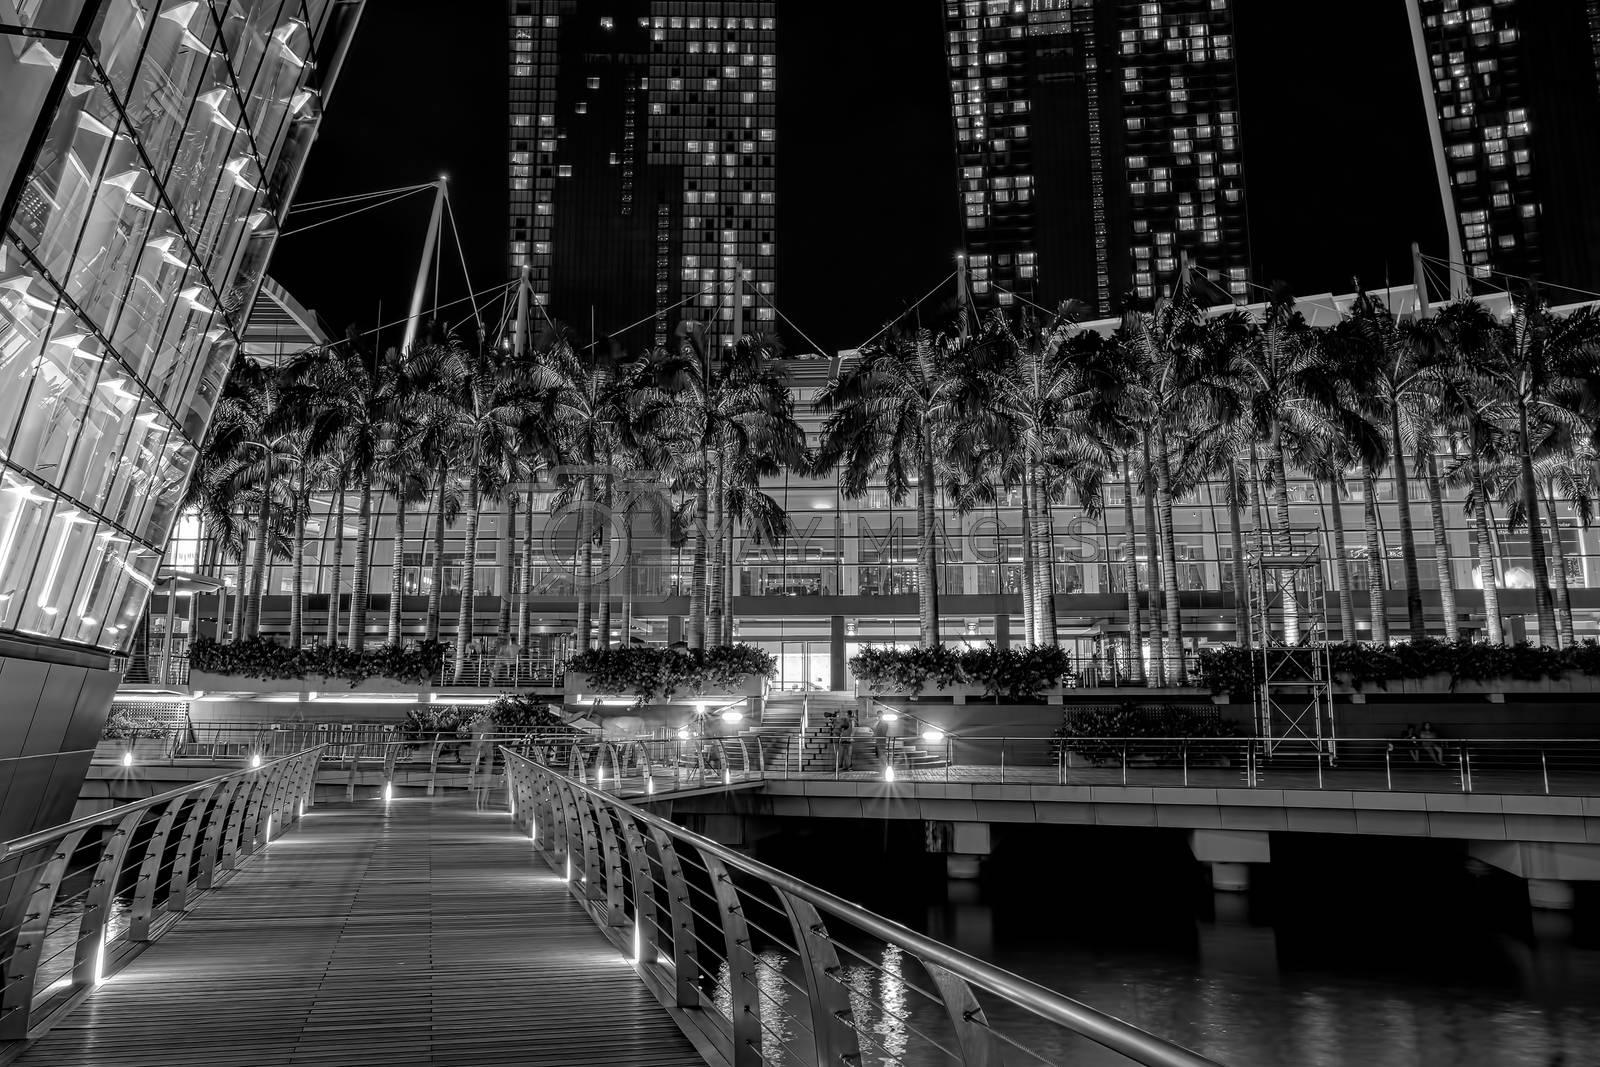 Palm trees at marina mall lighted at night